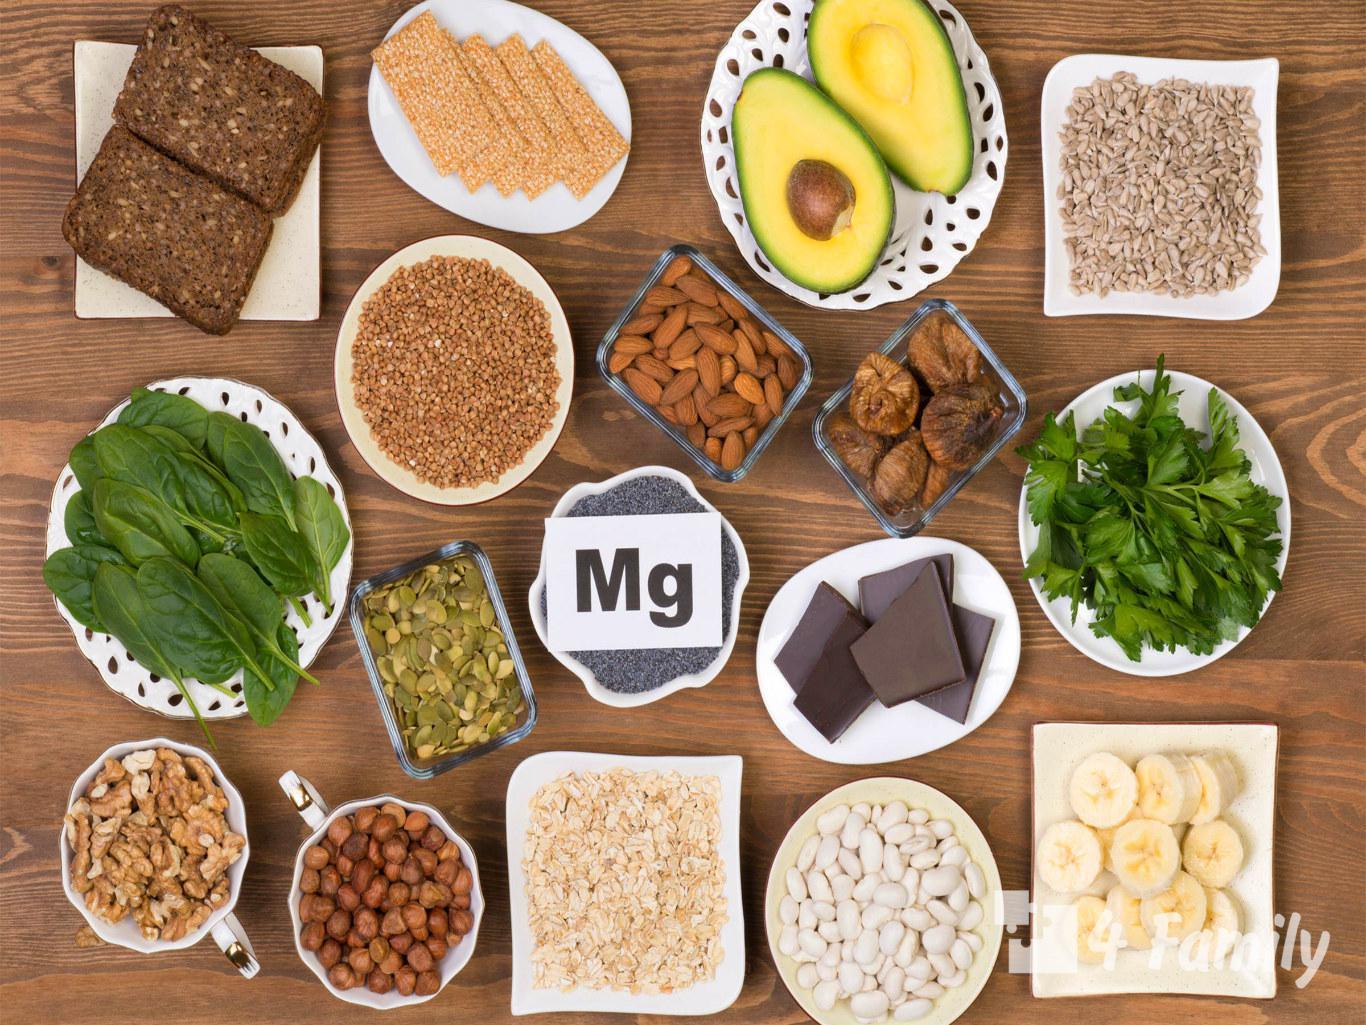 Продукты, которые обеспечат много магния в организме человека